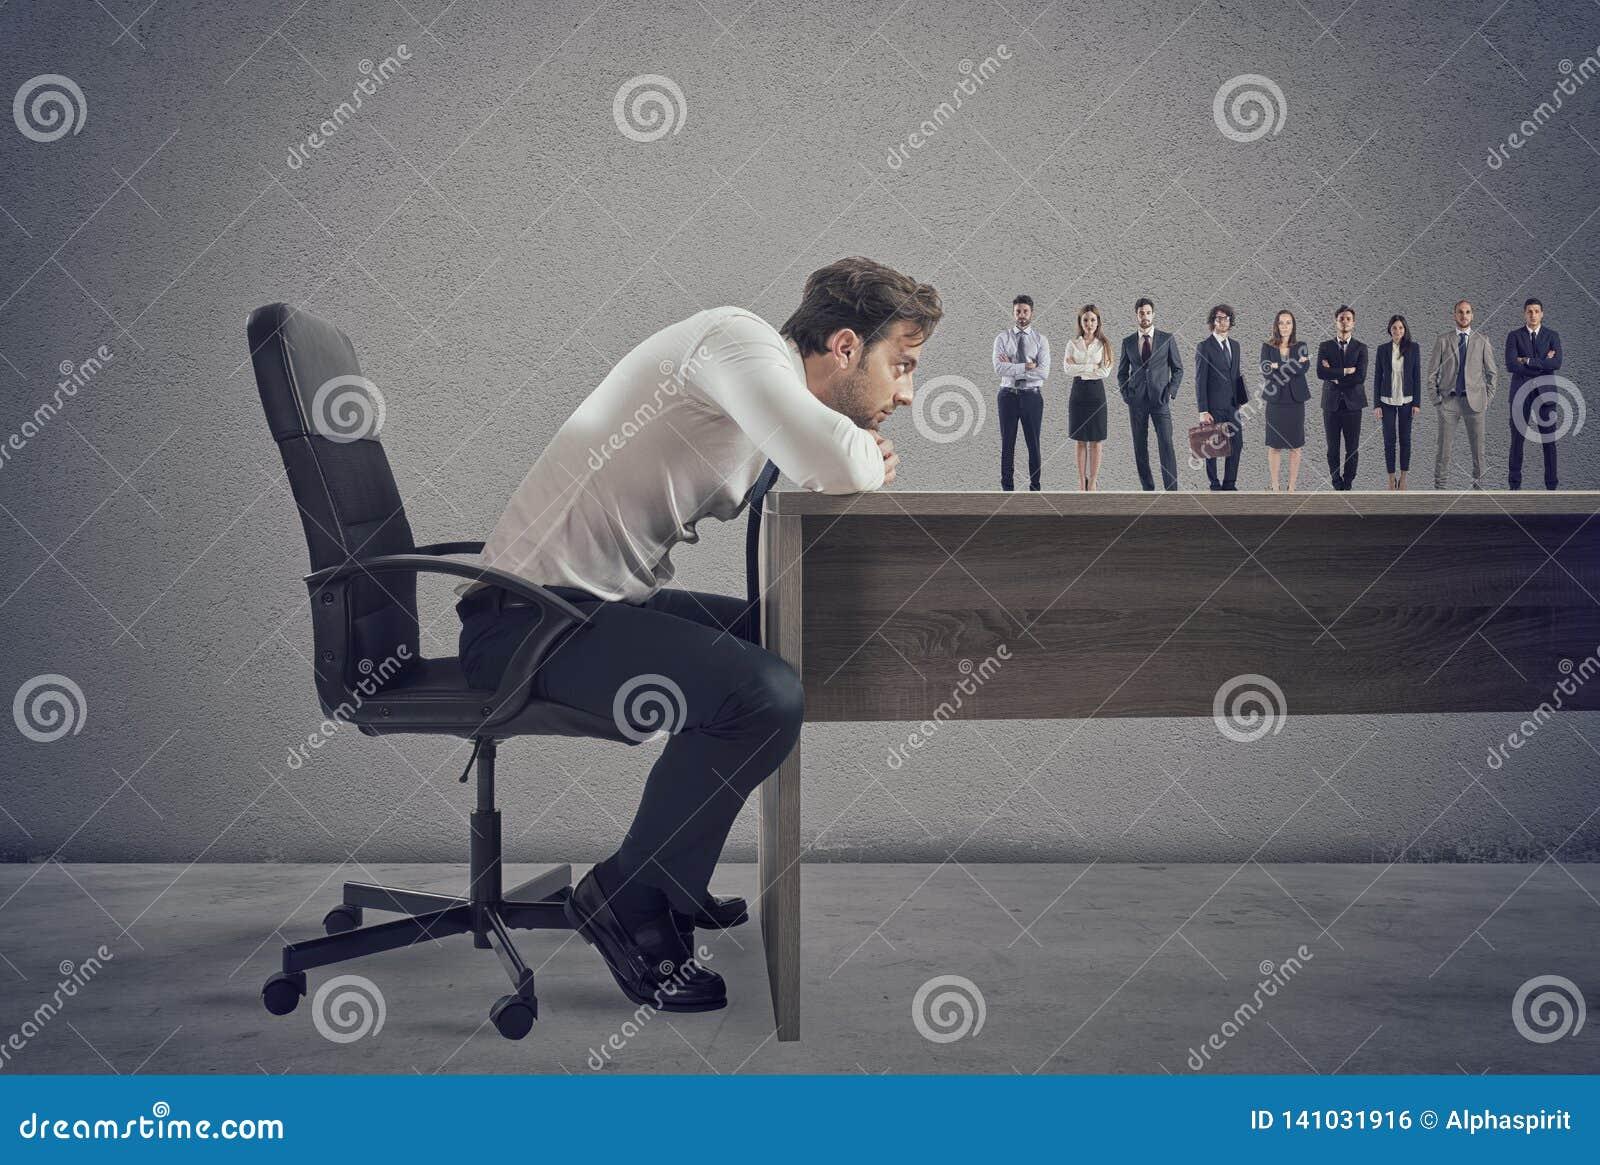 Chef wählt passende Kandidaten zum Arbeitsplatz vor Konzept der Einstellung und des Teams